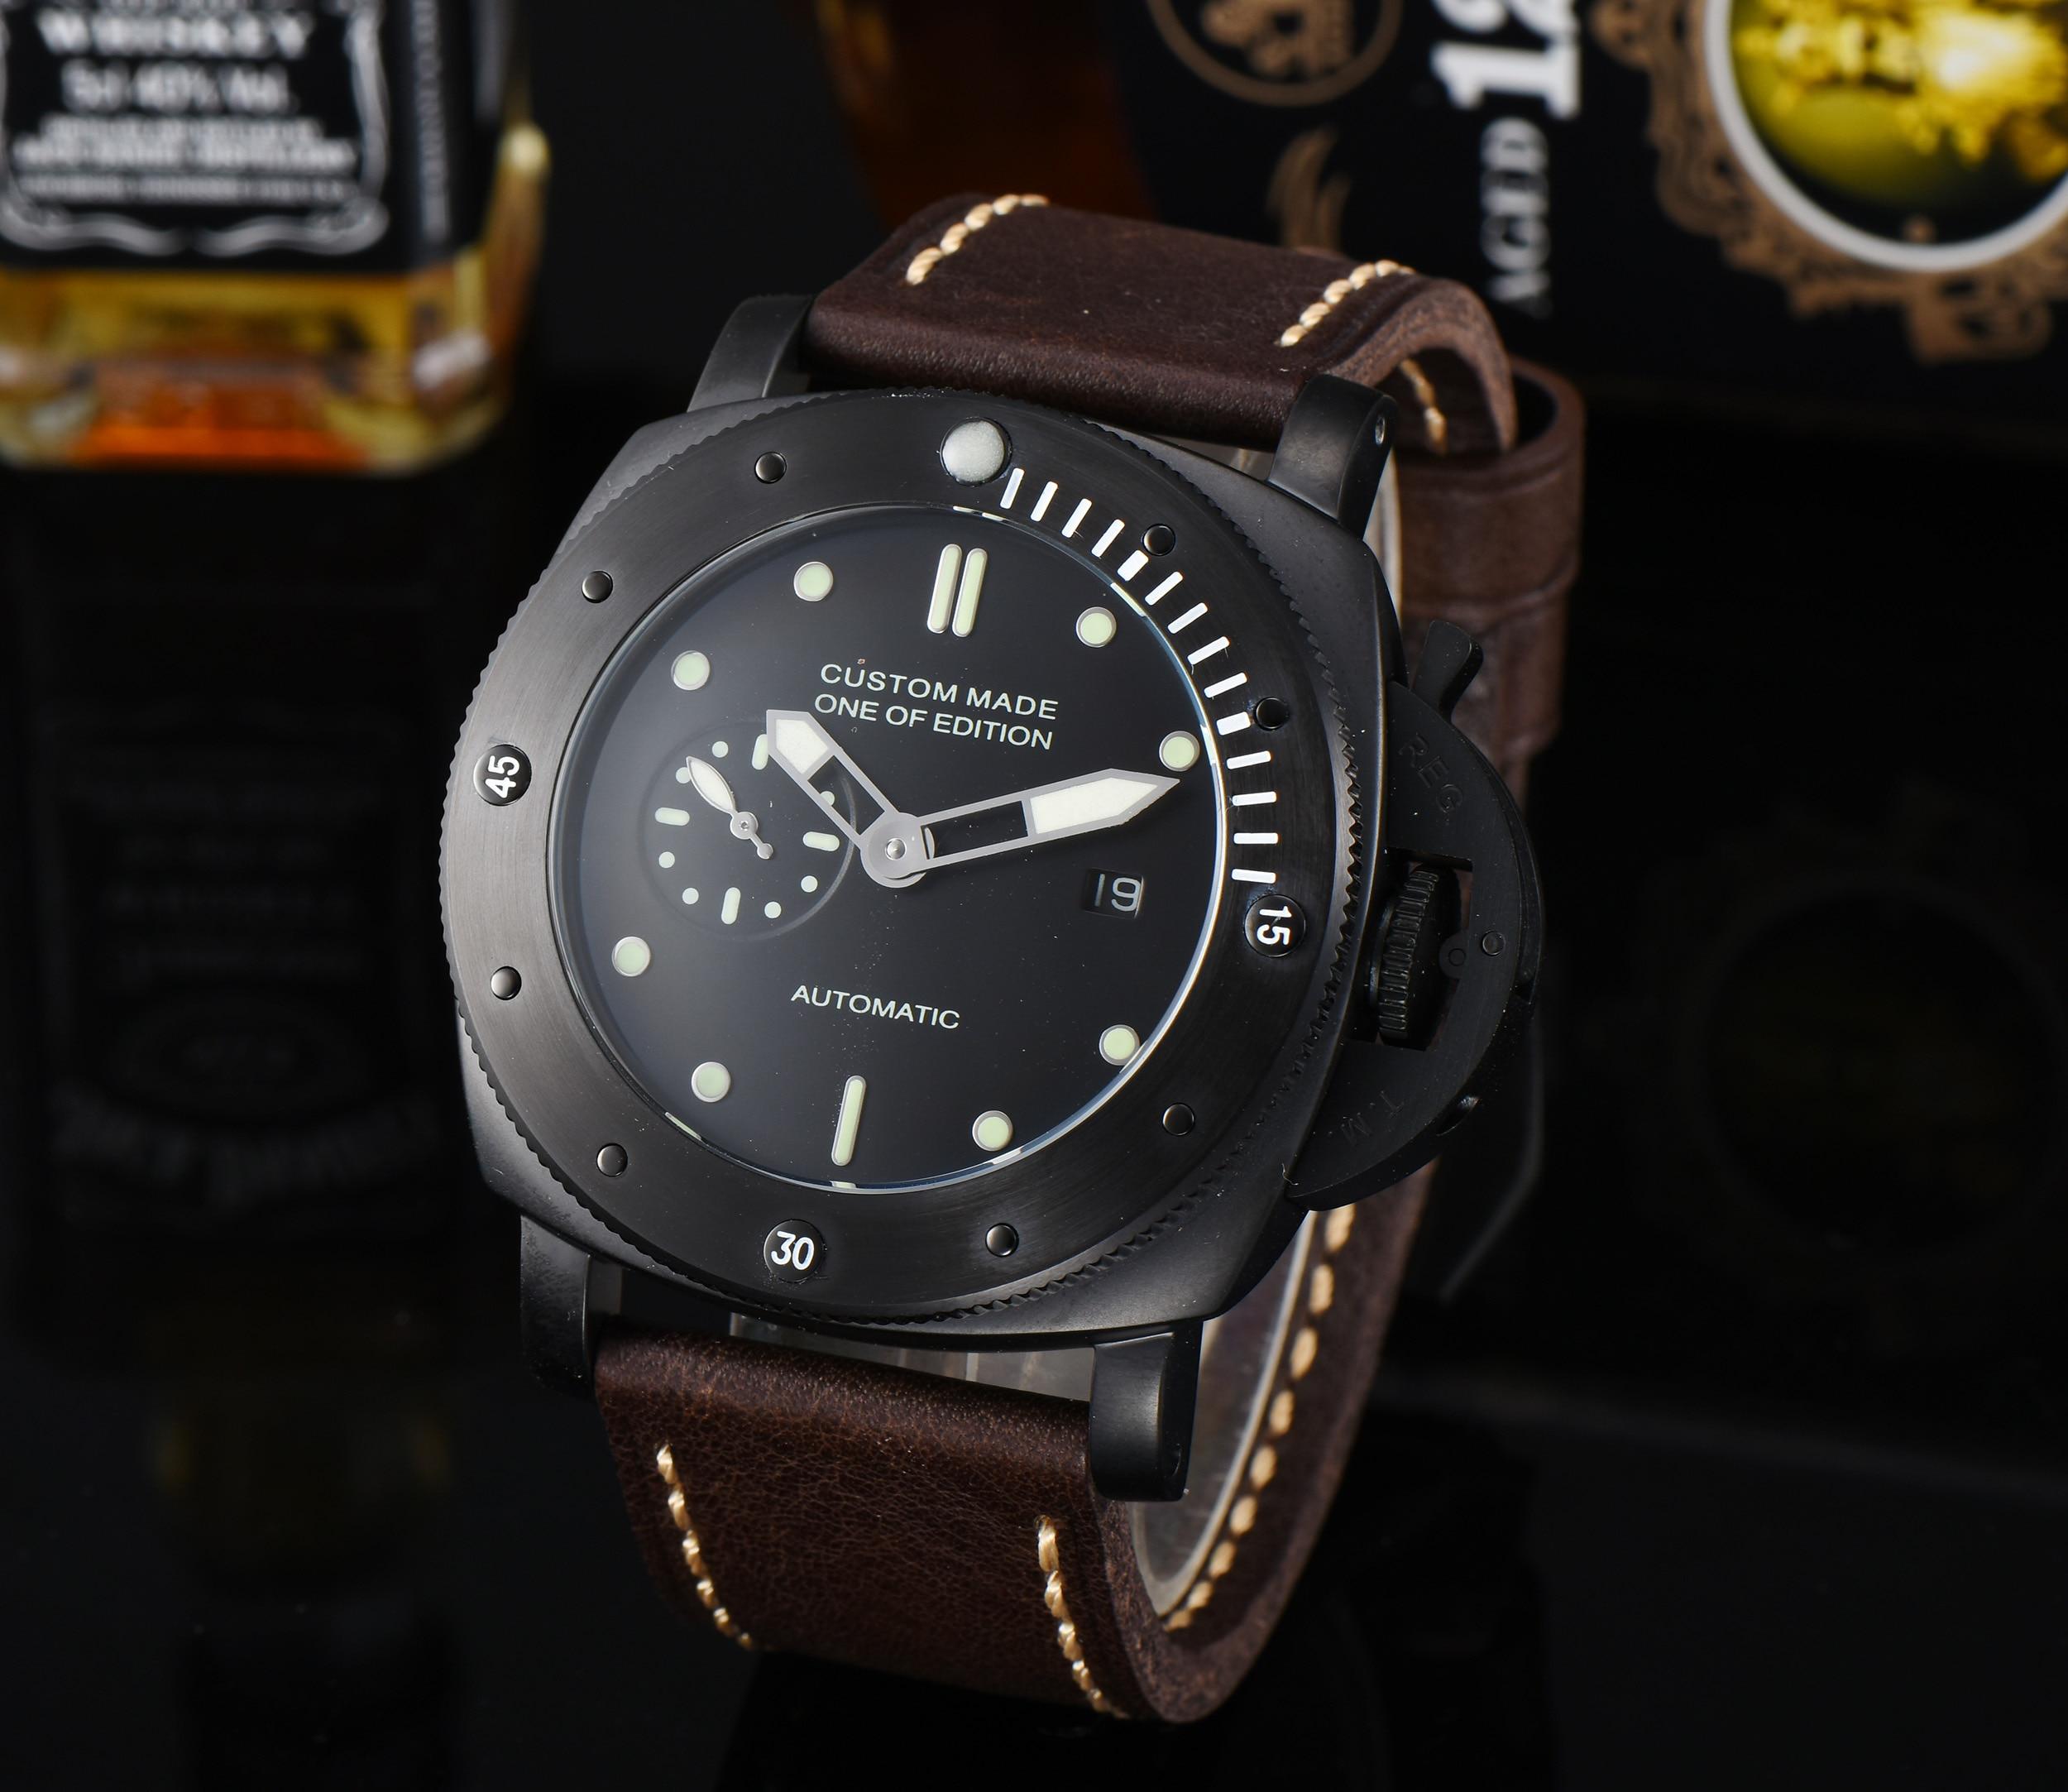 47 มม. นาฬิกา Parnis อัตโนมัติ PVD สายหนังสแตนเลส Hollow Back Cover Z719 3-ใน นาฬิกาข้อมือใส่เล่นกีฬา จาก นาฬิกาข้อมือ บน   1